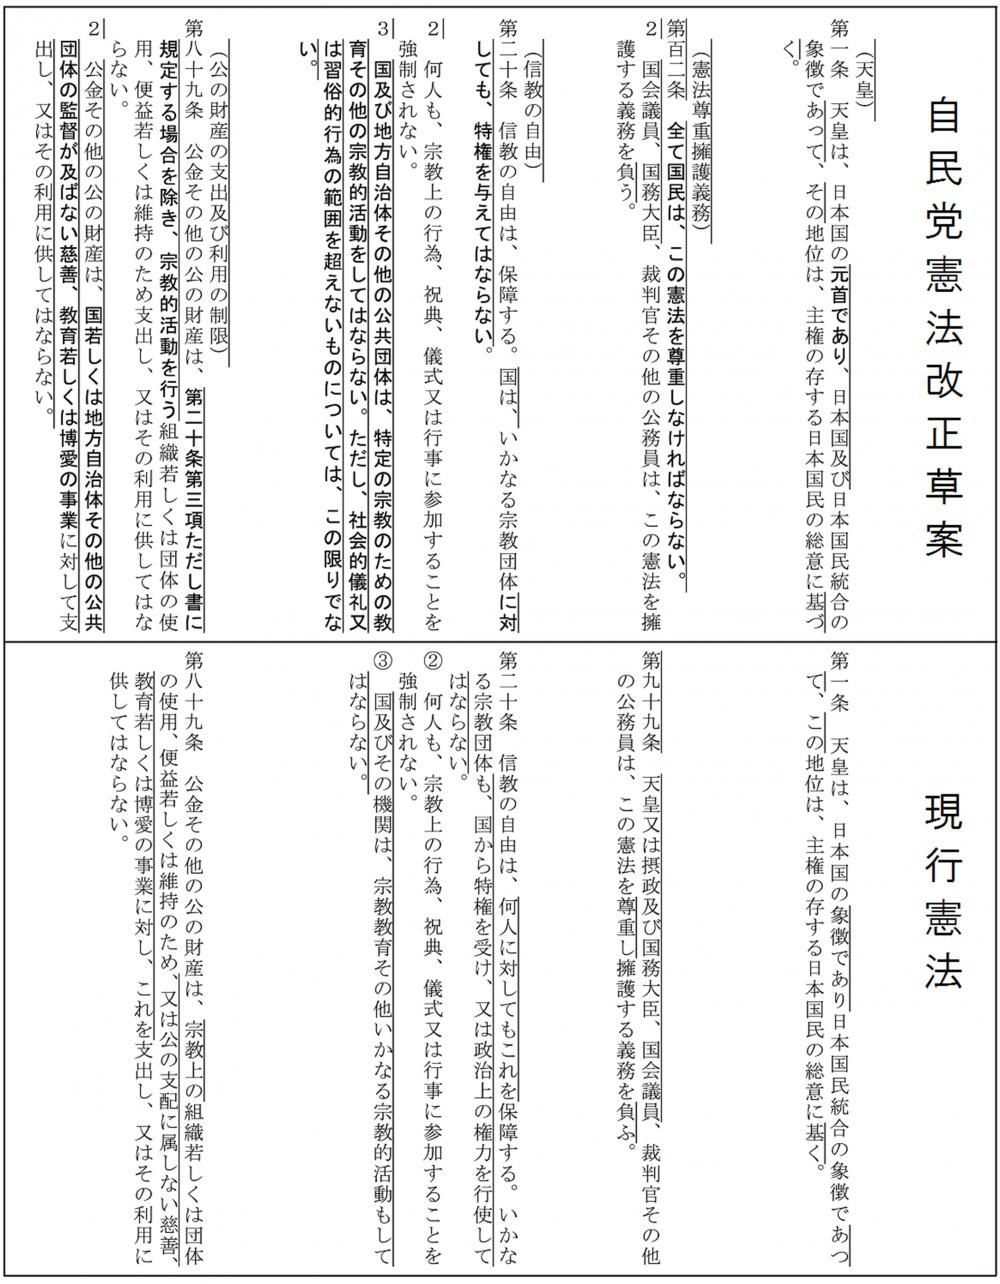 自民党日本国憲法改正草案 (抜粋)